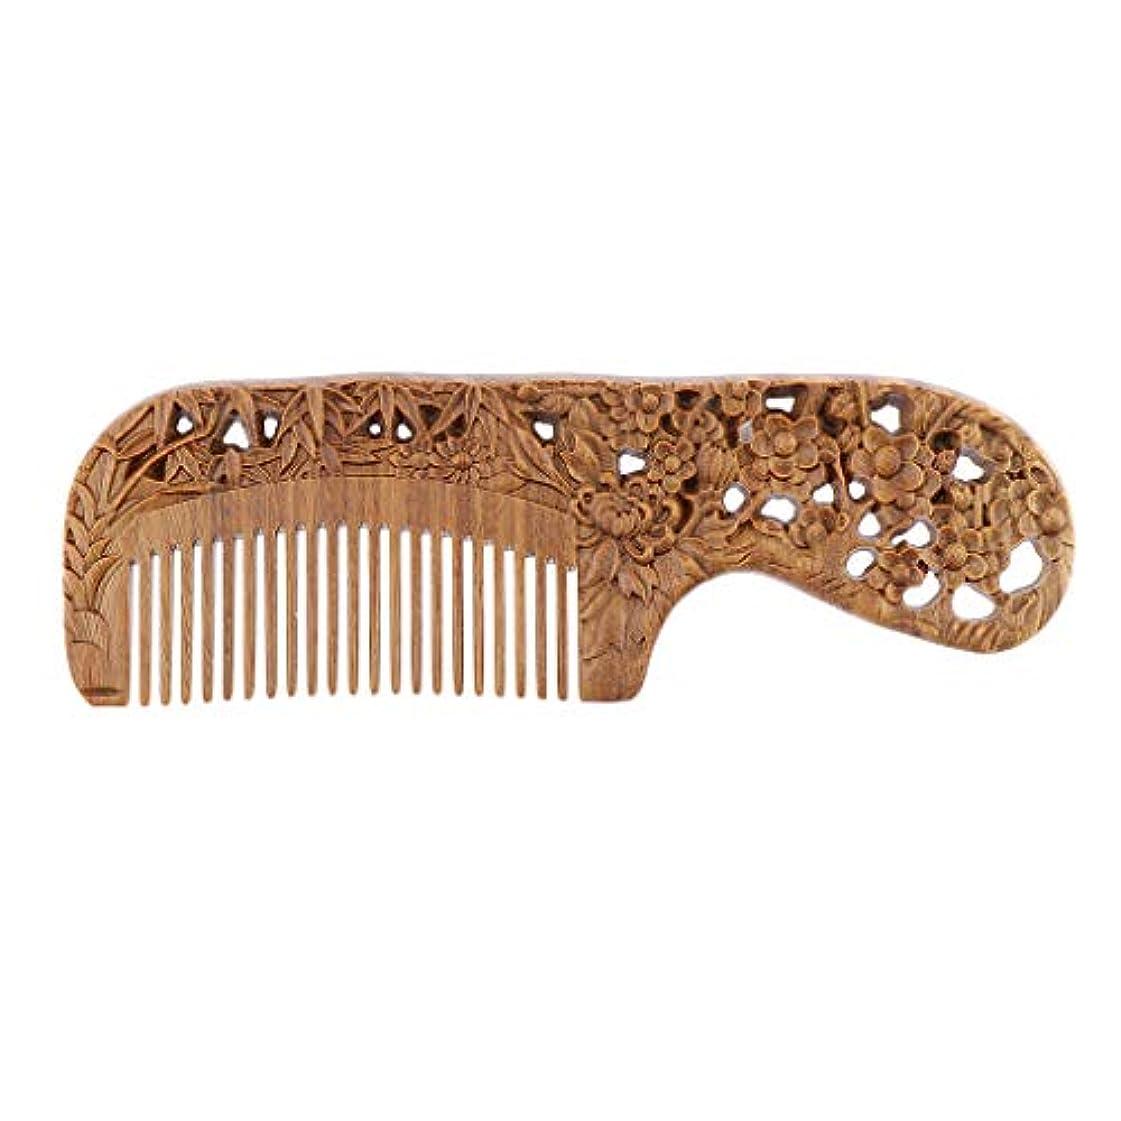 バタフライ剛性活性化する手作り 木製櫛 ヘアブラシ ヘアコーム 頭皮マッサージ レトロ 4タイプ選べ - 17.8 x 5.6 x 11.5 cm